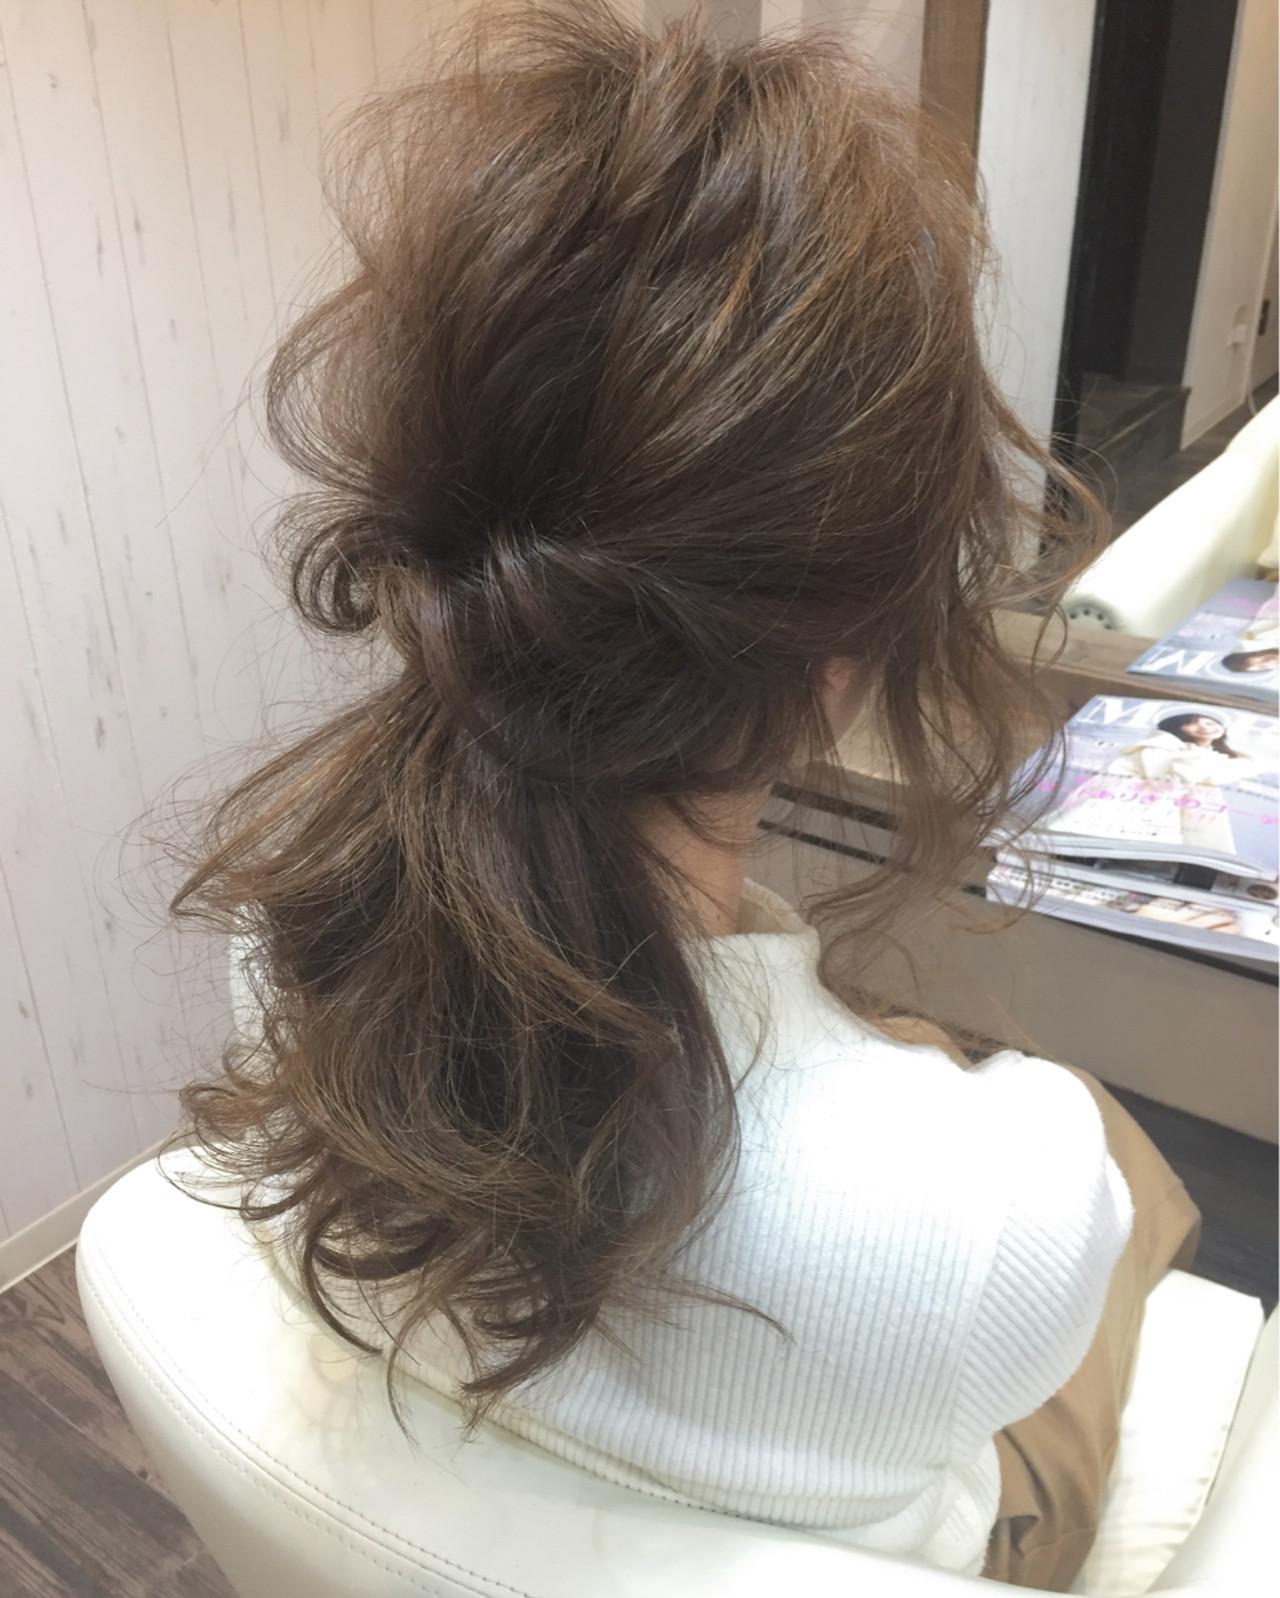 ナチュラル ポニーテール ヘアアレンジ ロング ヘアスタイルや髪型の写真・画像